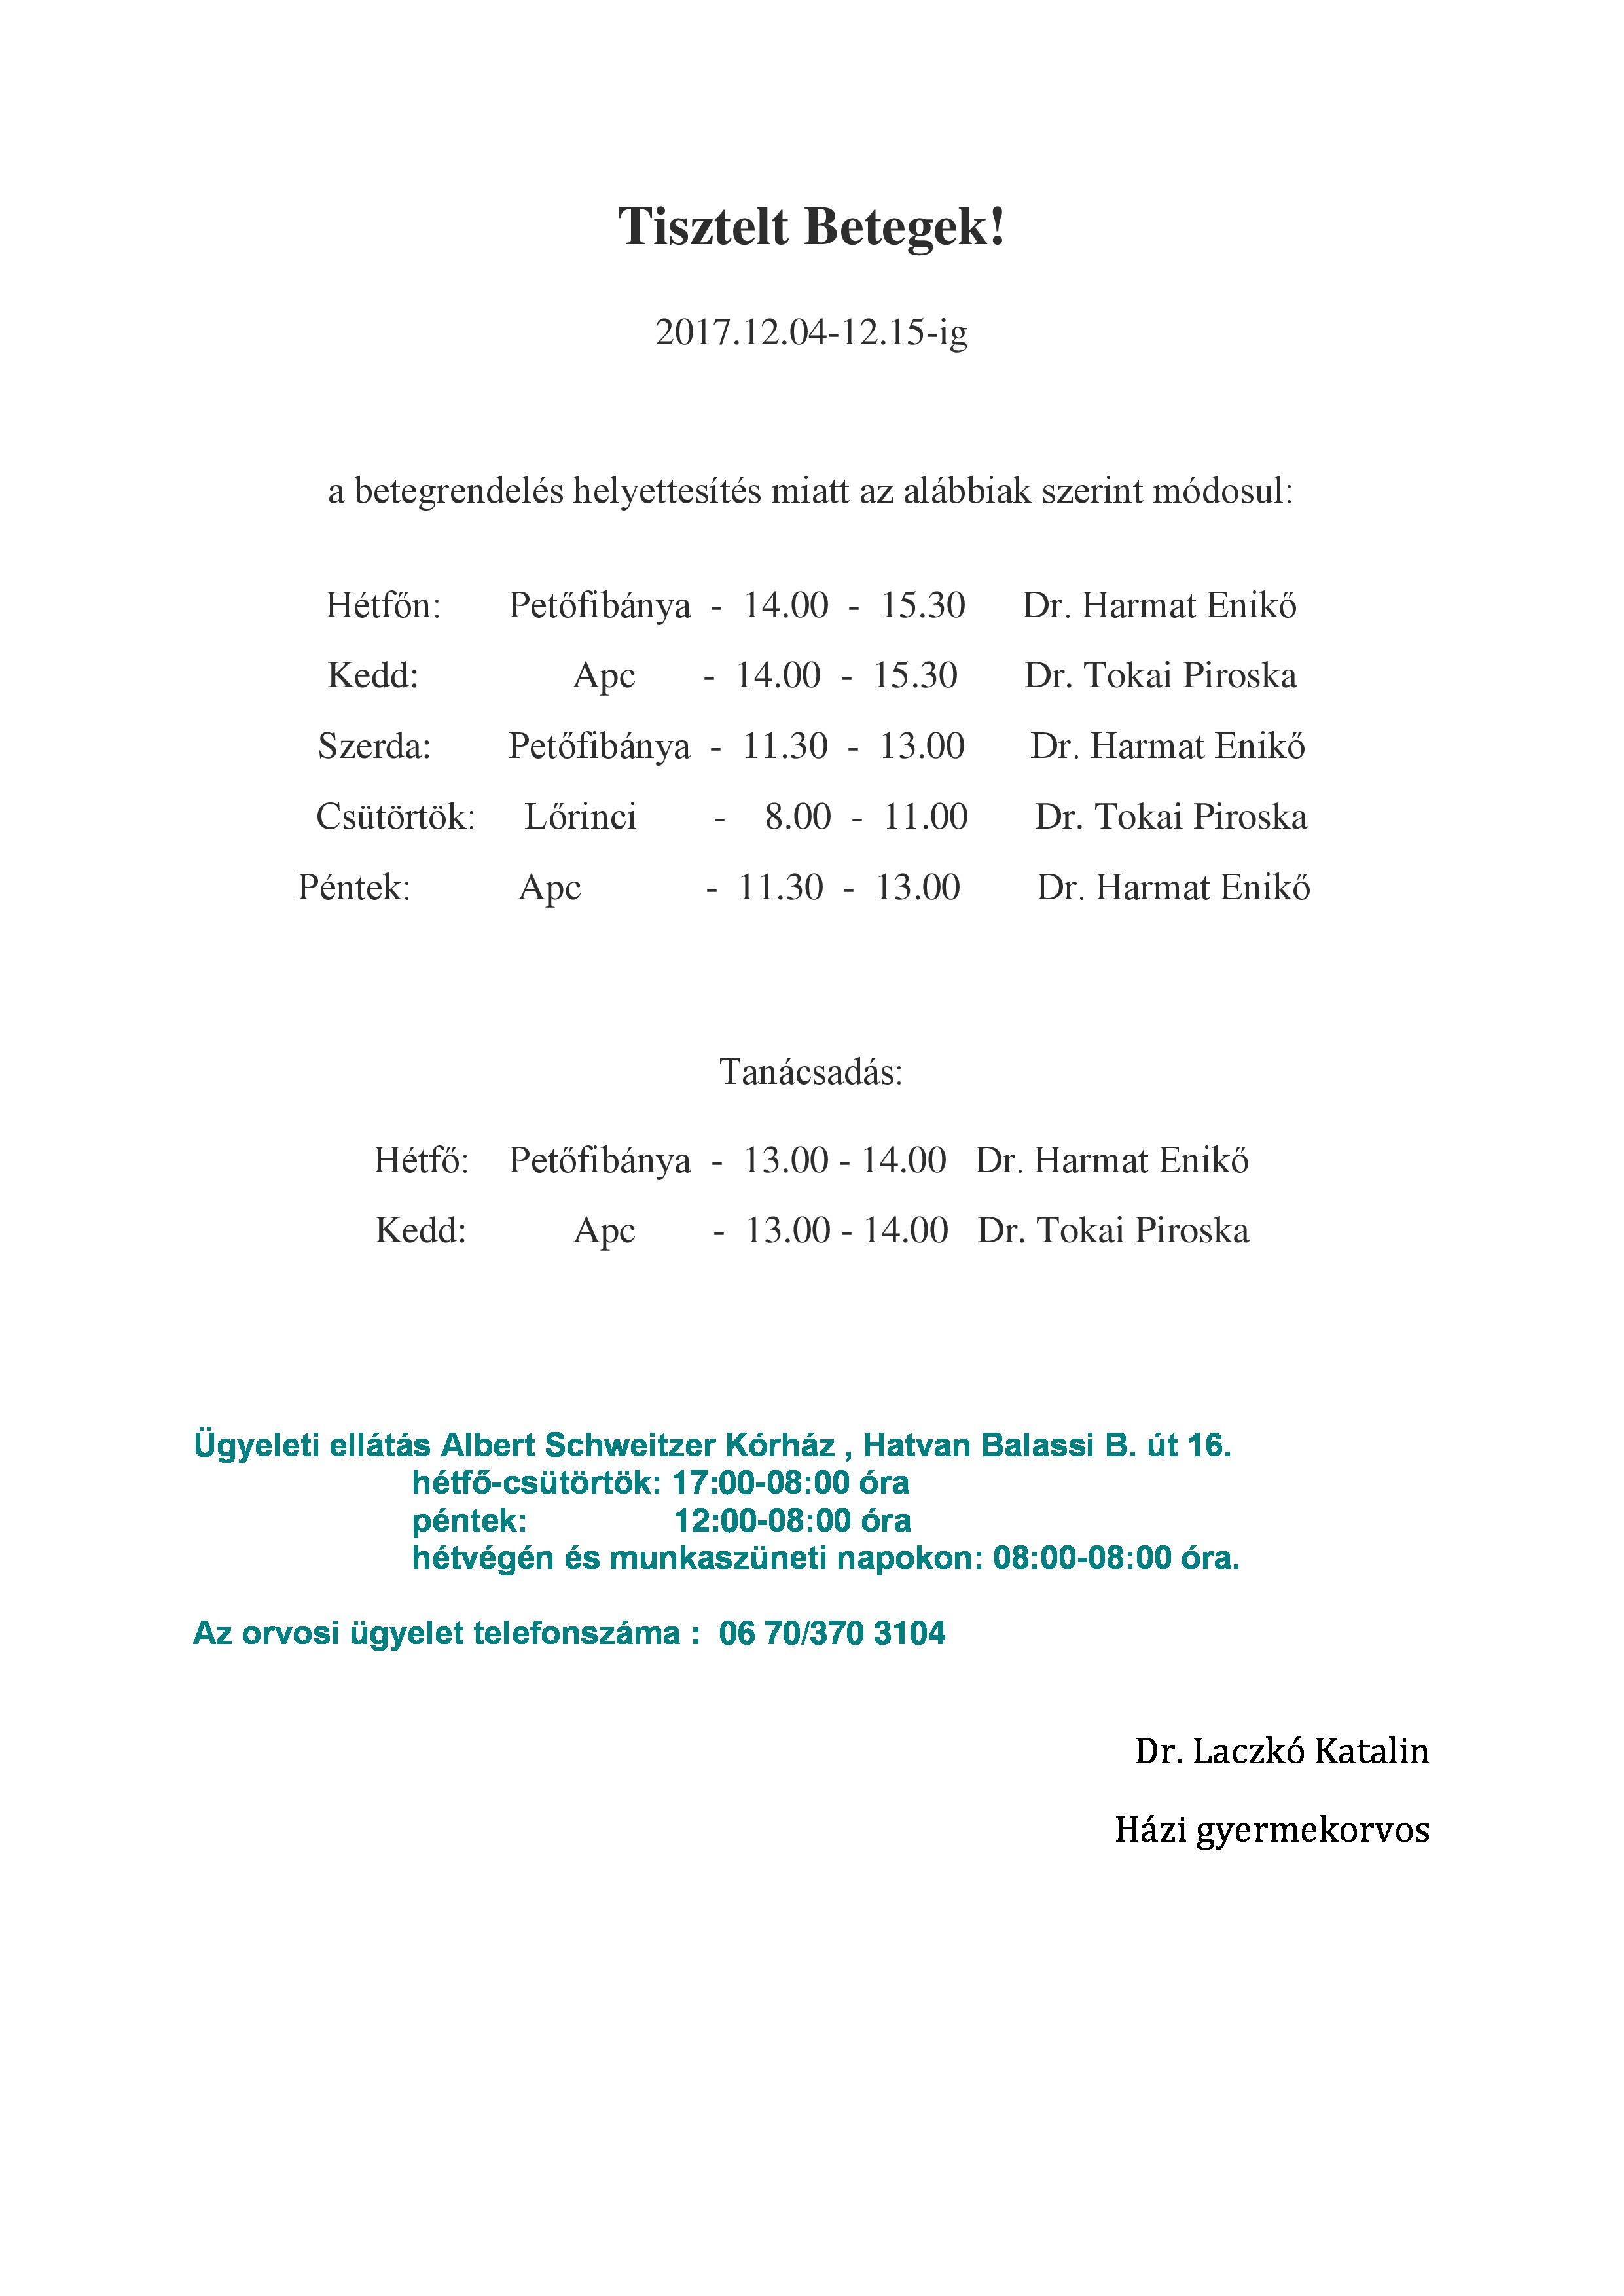 helyettesites-2017-december-gyermekorvos-apc